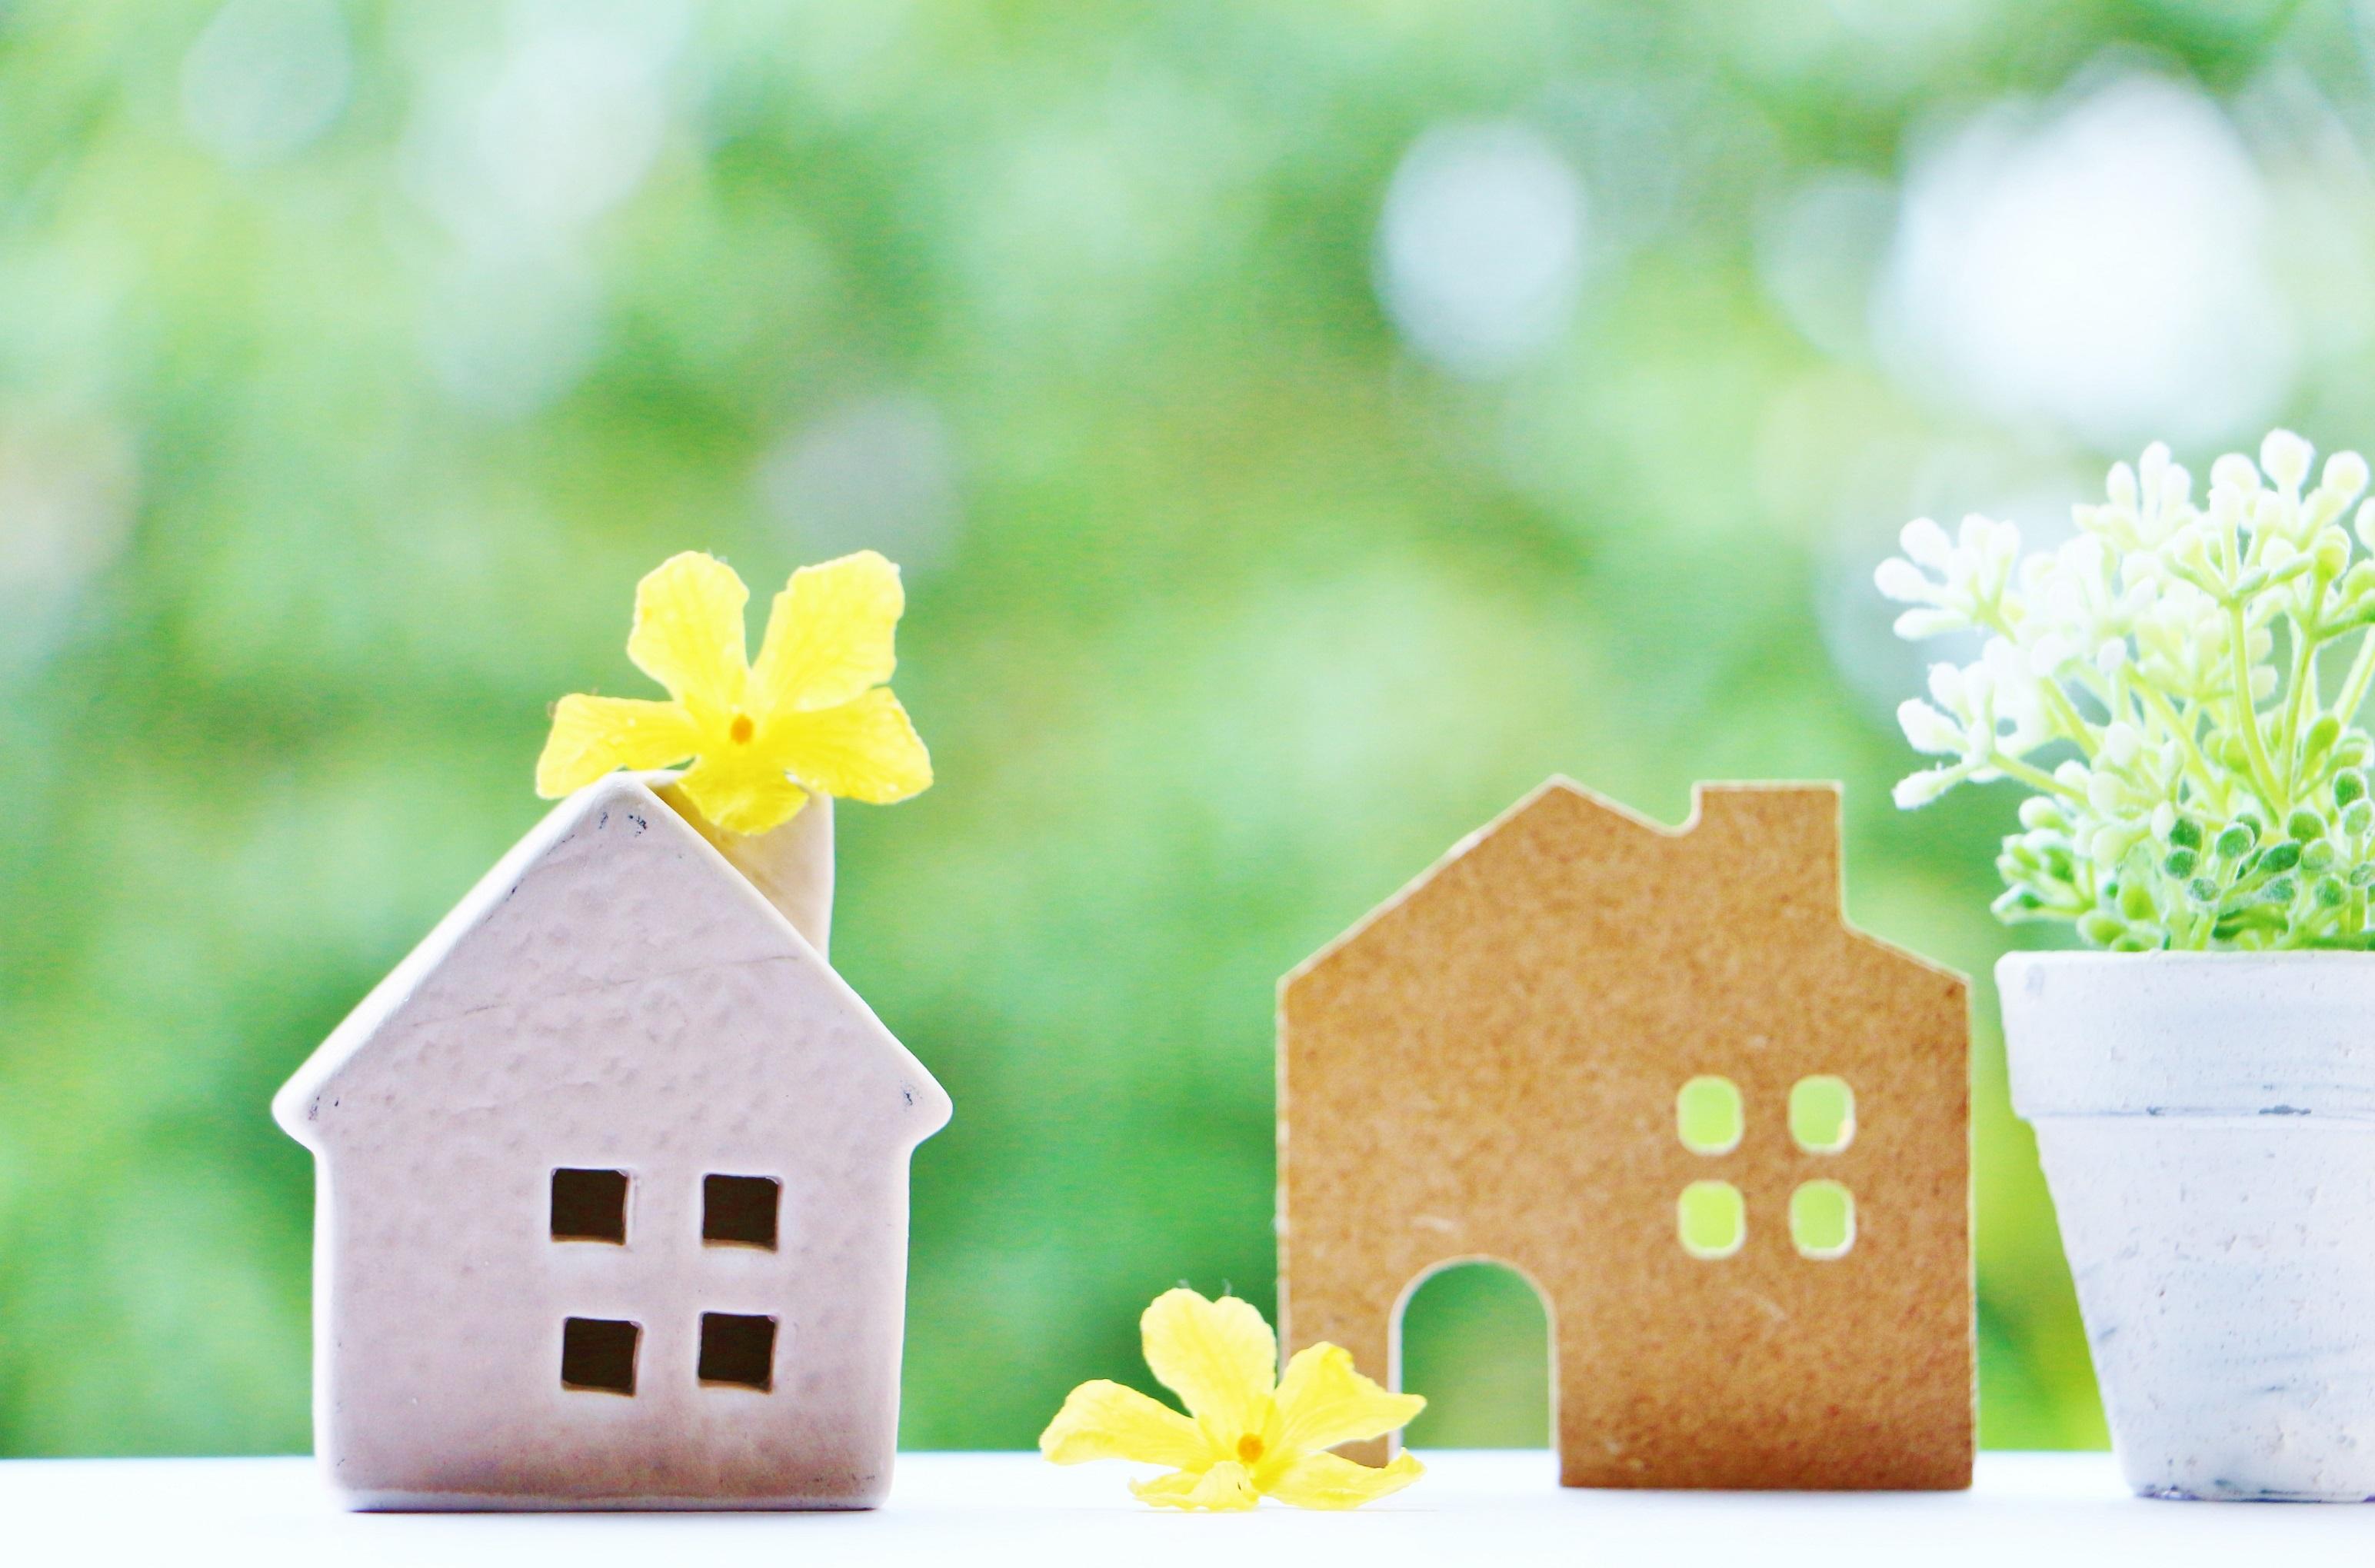 工期のトラブルー工期は住宅会社の利益に繋がる